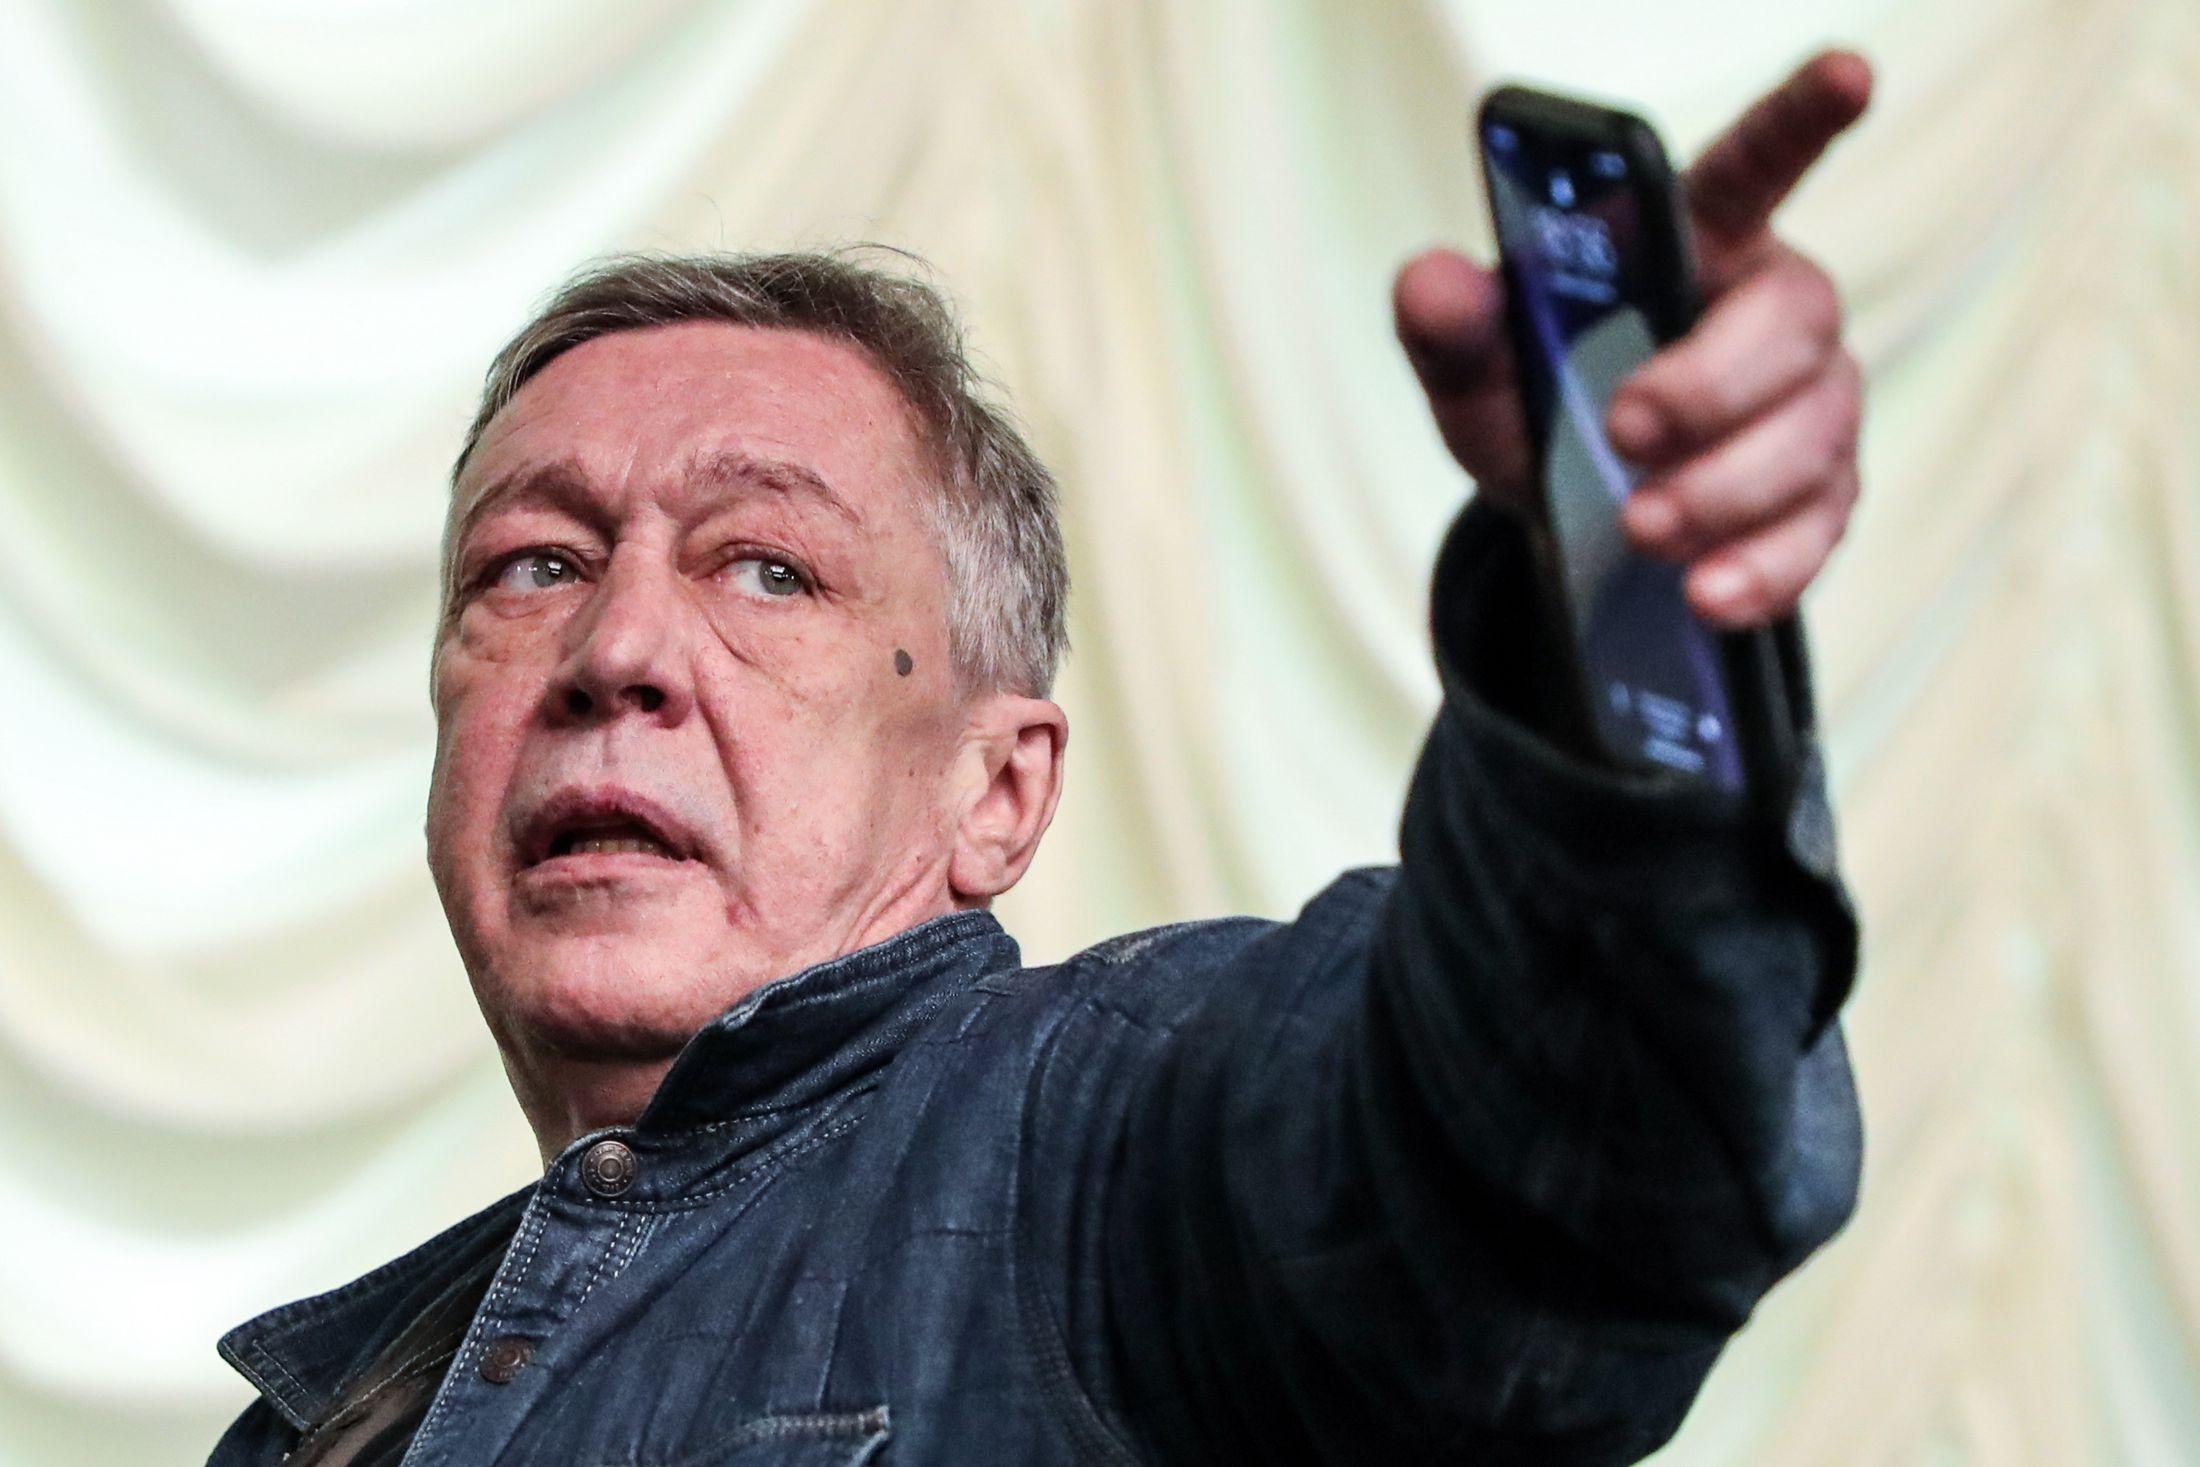 """Єфремов зробив політичну заяву з приводу своєї кримінальної справи: """"Я клоун, а не опозиціонер"""" - today.ua"""